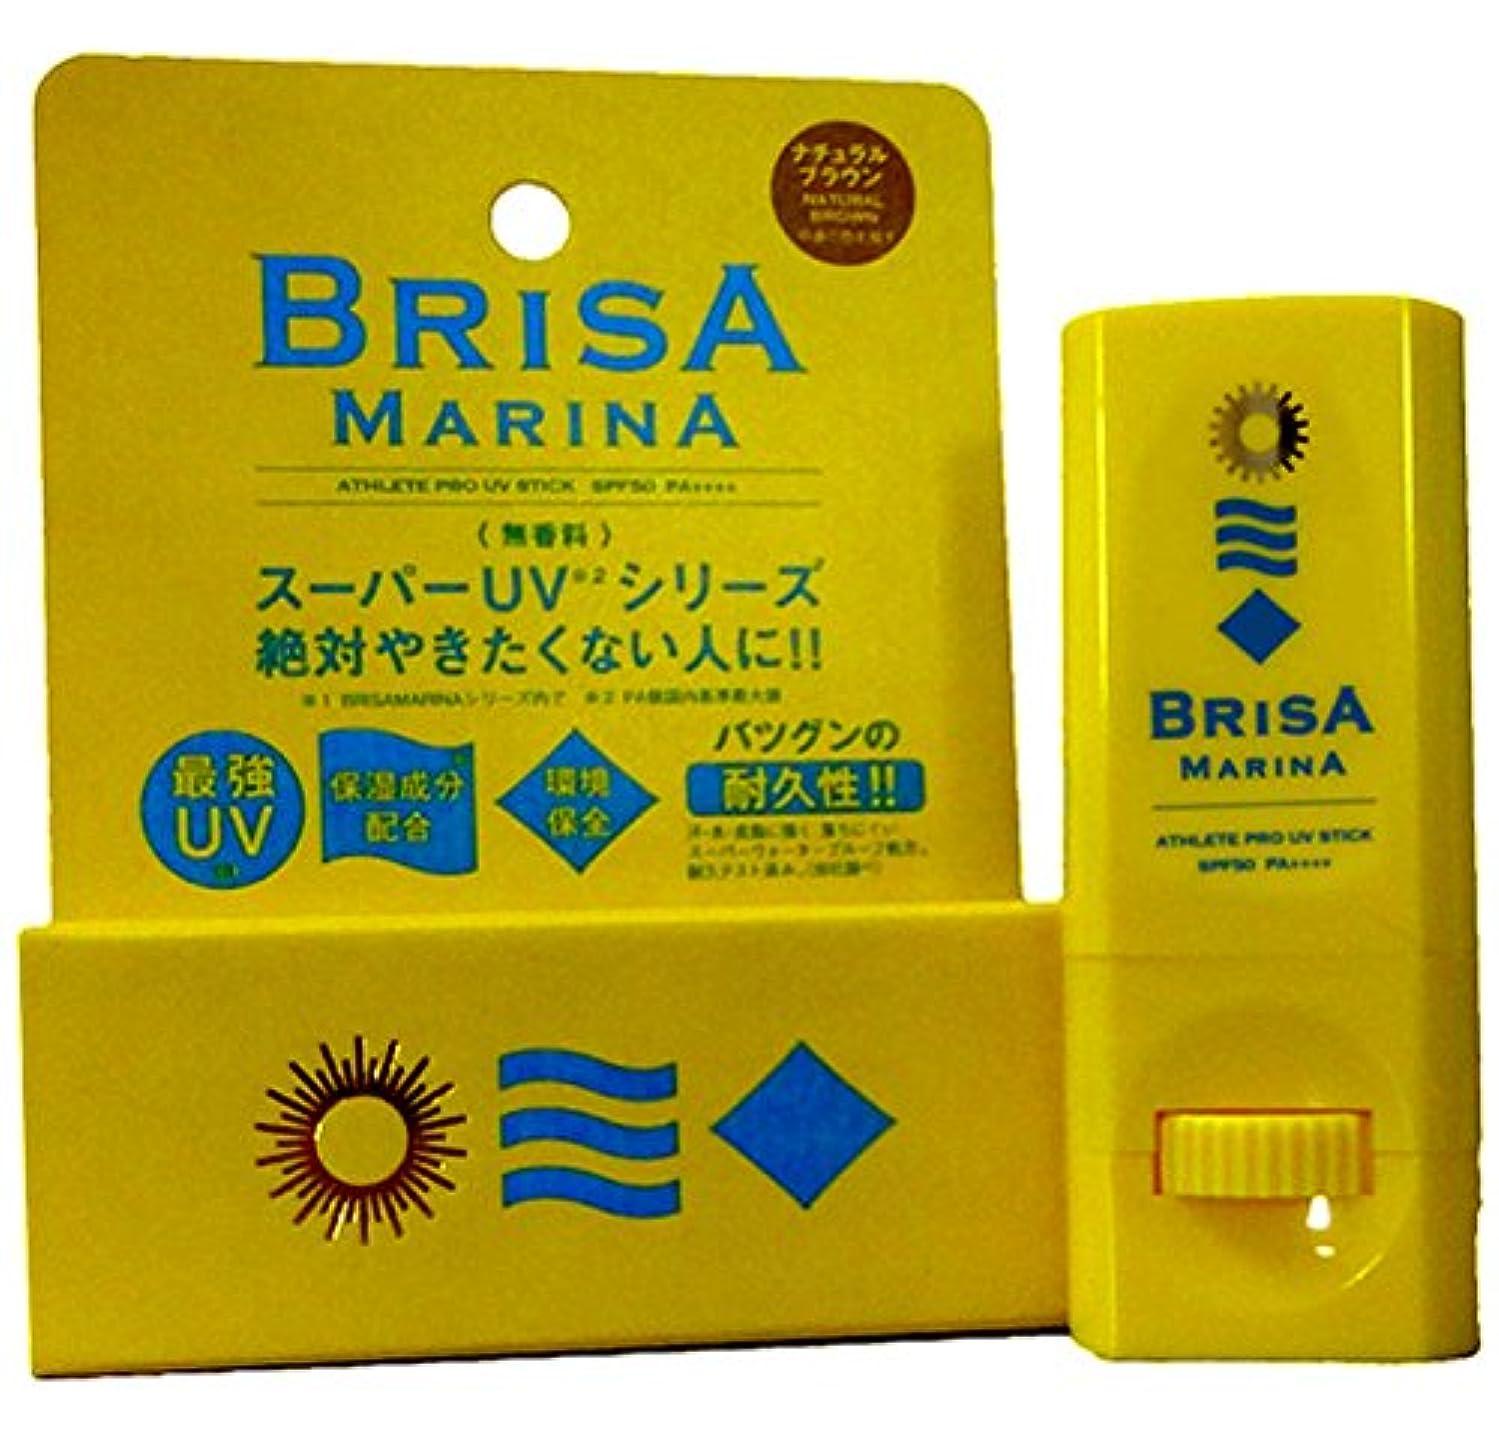 定期的な雷雨コーンウォールBRISA MARINA(ブリサマリーナ) ATHLETE PRO UV STICK 10g 日焼け止め スティック (01-WHITE)